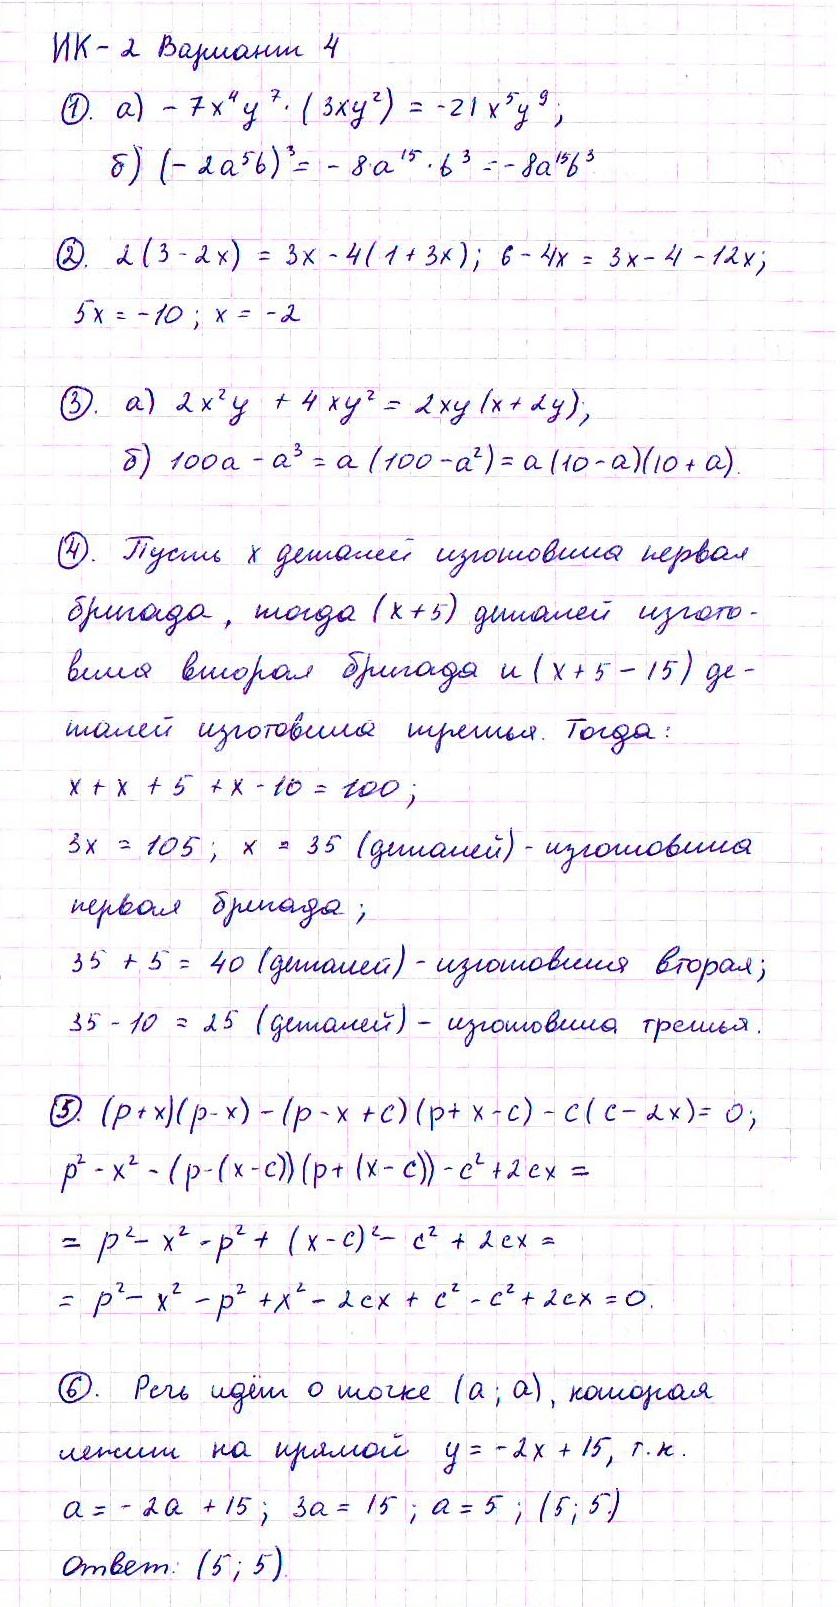 ГДЗ по алгебре класс Дидактические материалы Итоговые  Ответ к задаче № Вариант 4 Дидактические материалы гдз по алгебре 7 класс